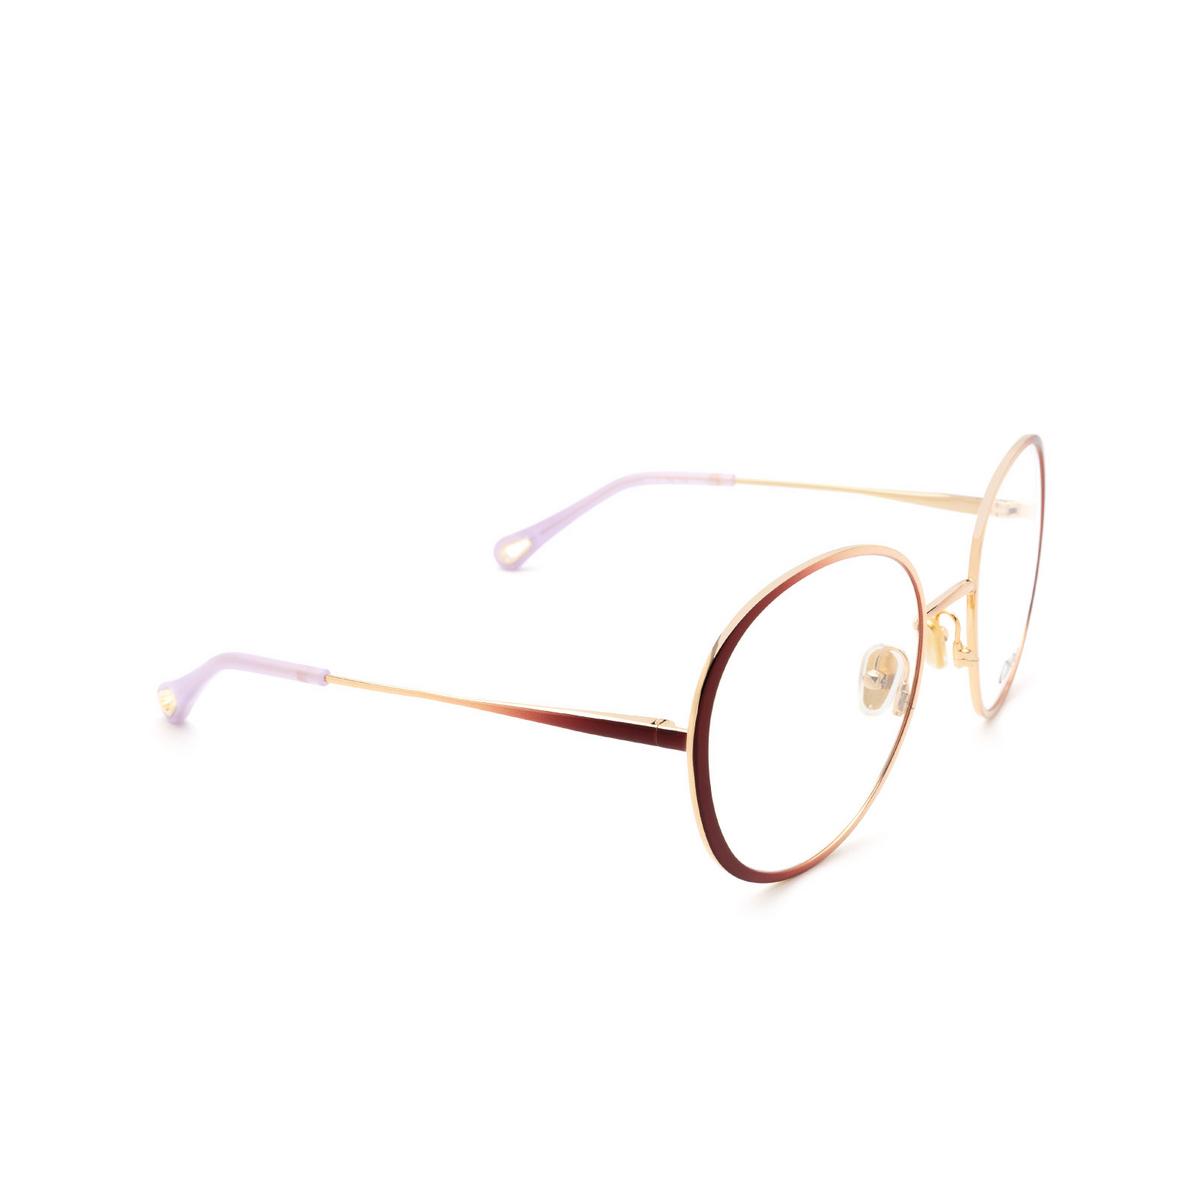 Chloé® Round Eyeglasses: CH0018O color Gold & Burgundy 001 - three-quarters view.